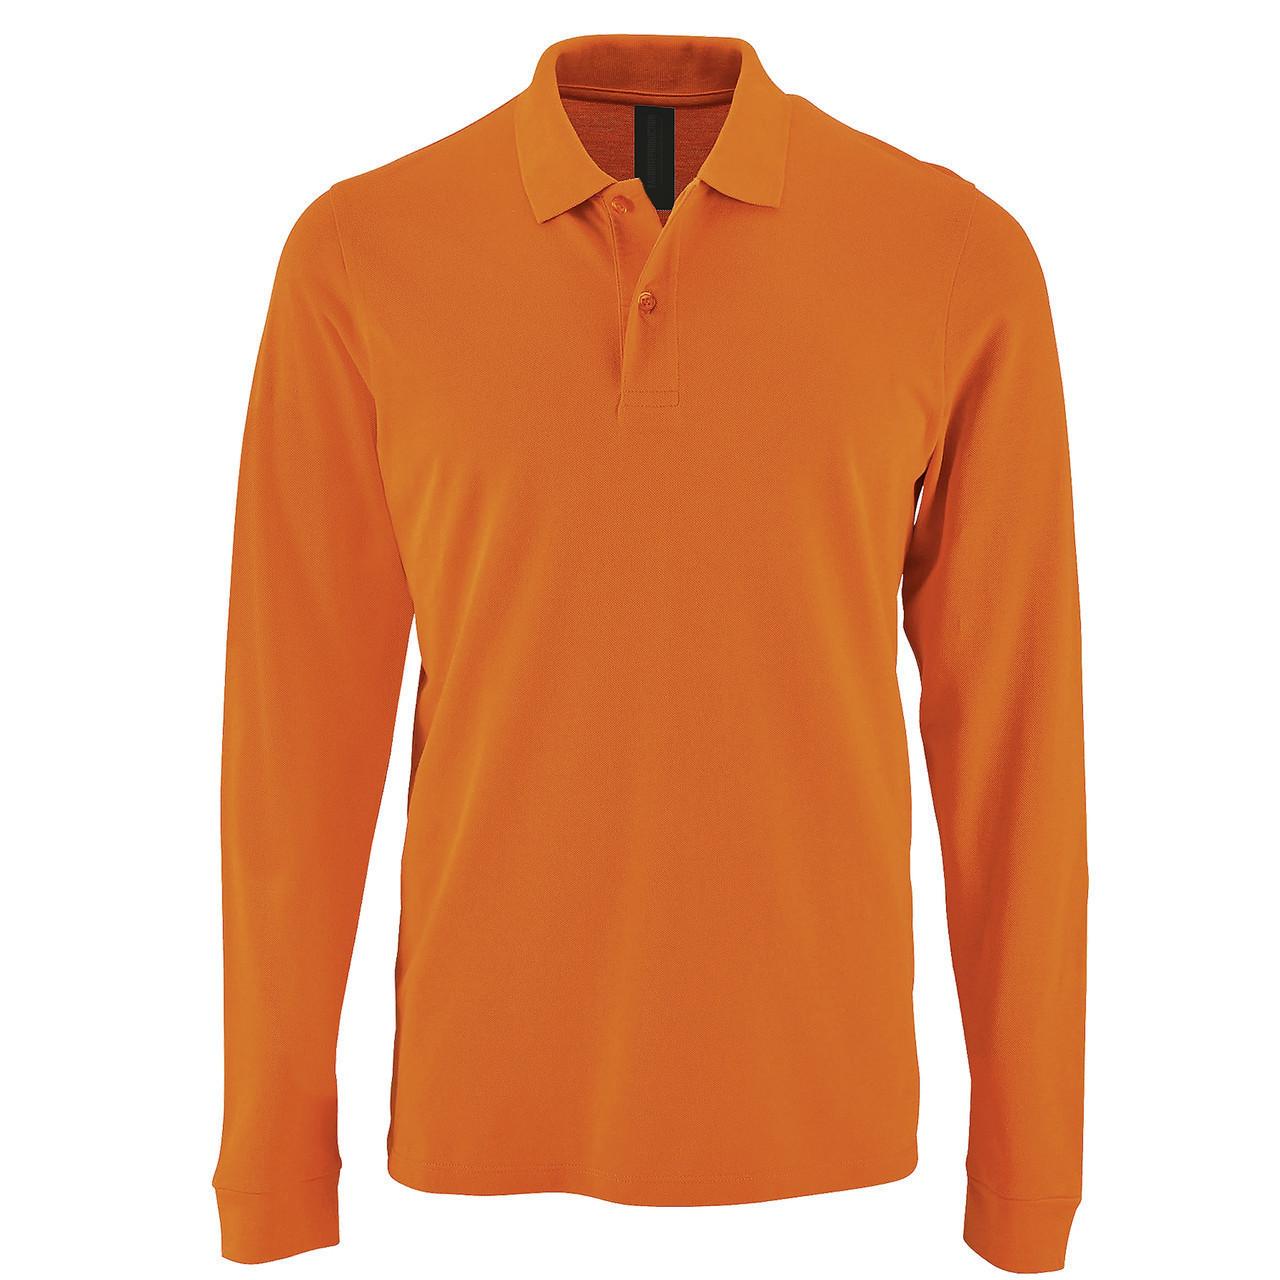 Футболка поло с длинным рукавом | Оранжевая | 200 г/м² 3XL